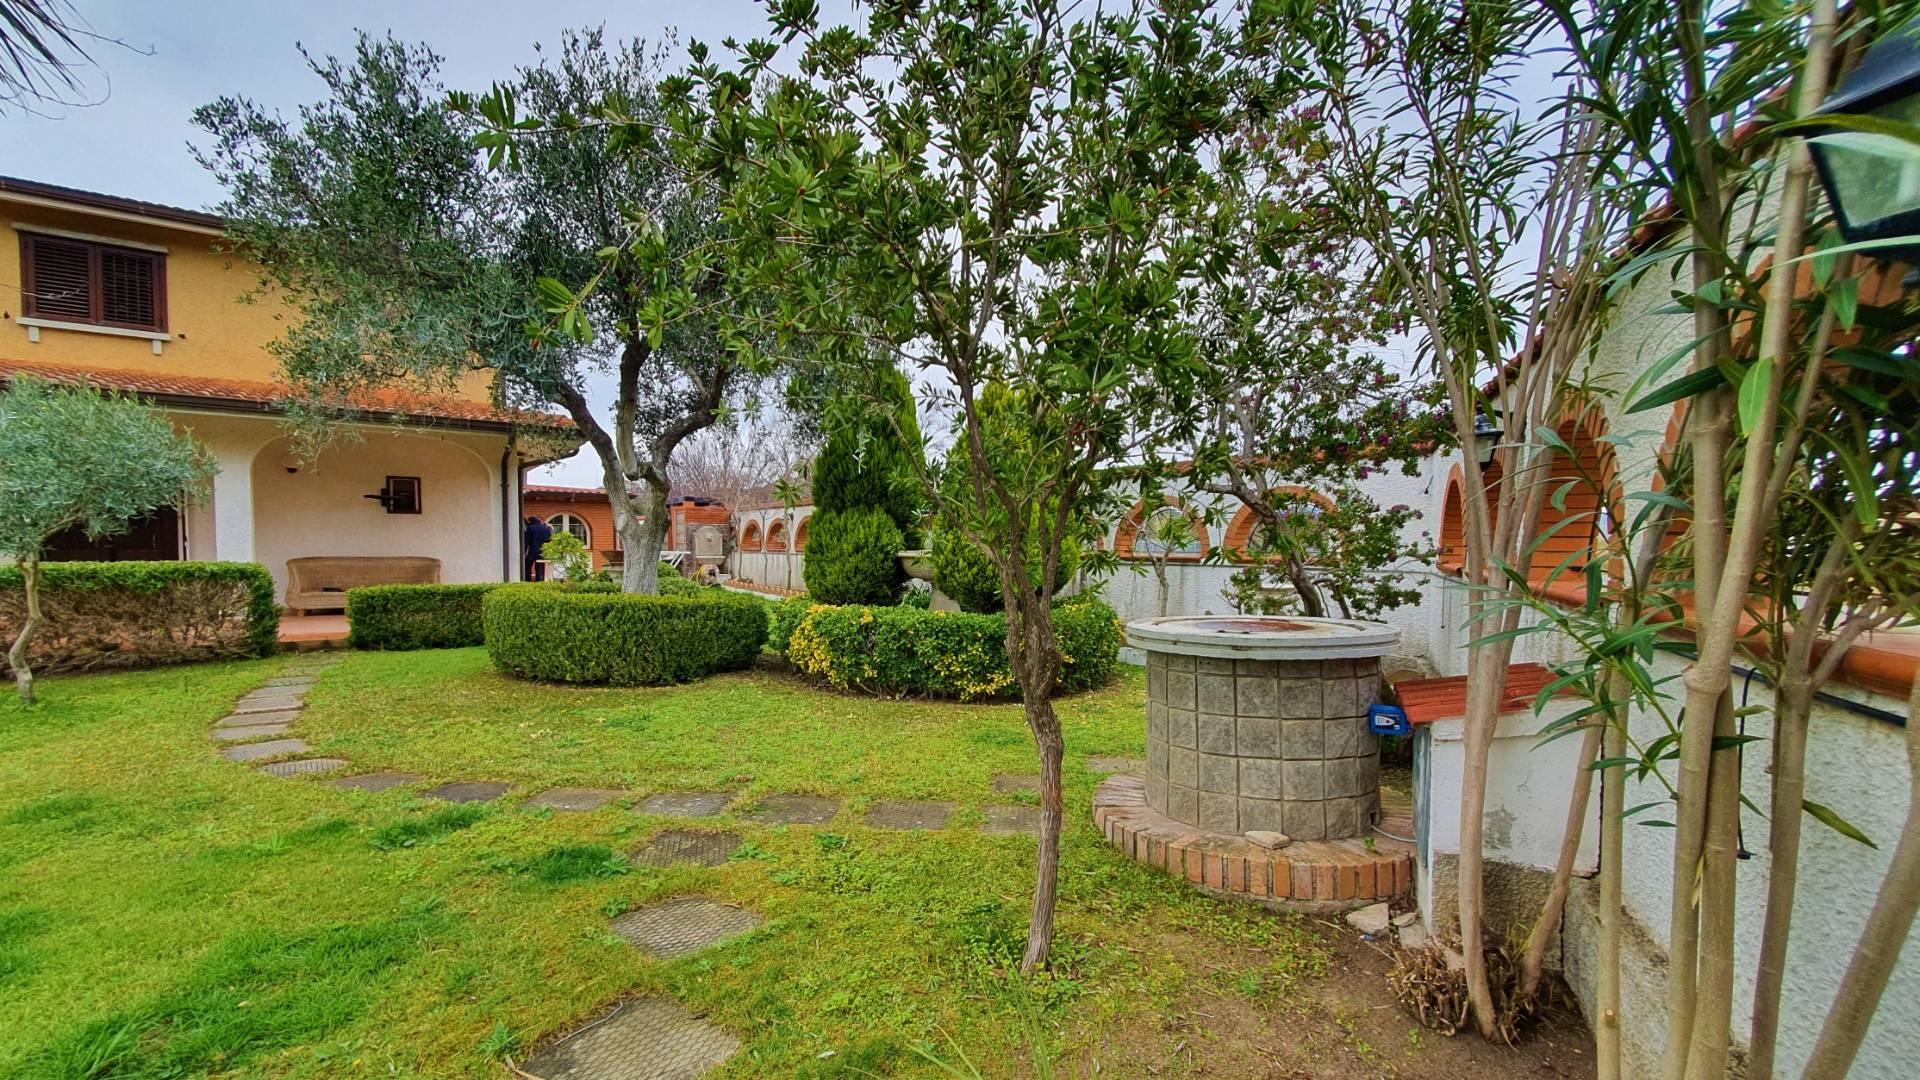 Villa in vendita a Borgia, 5 locali, zona Località: RoccellettadiBorgia, prezzo € 210.000 | CambioCasa.it